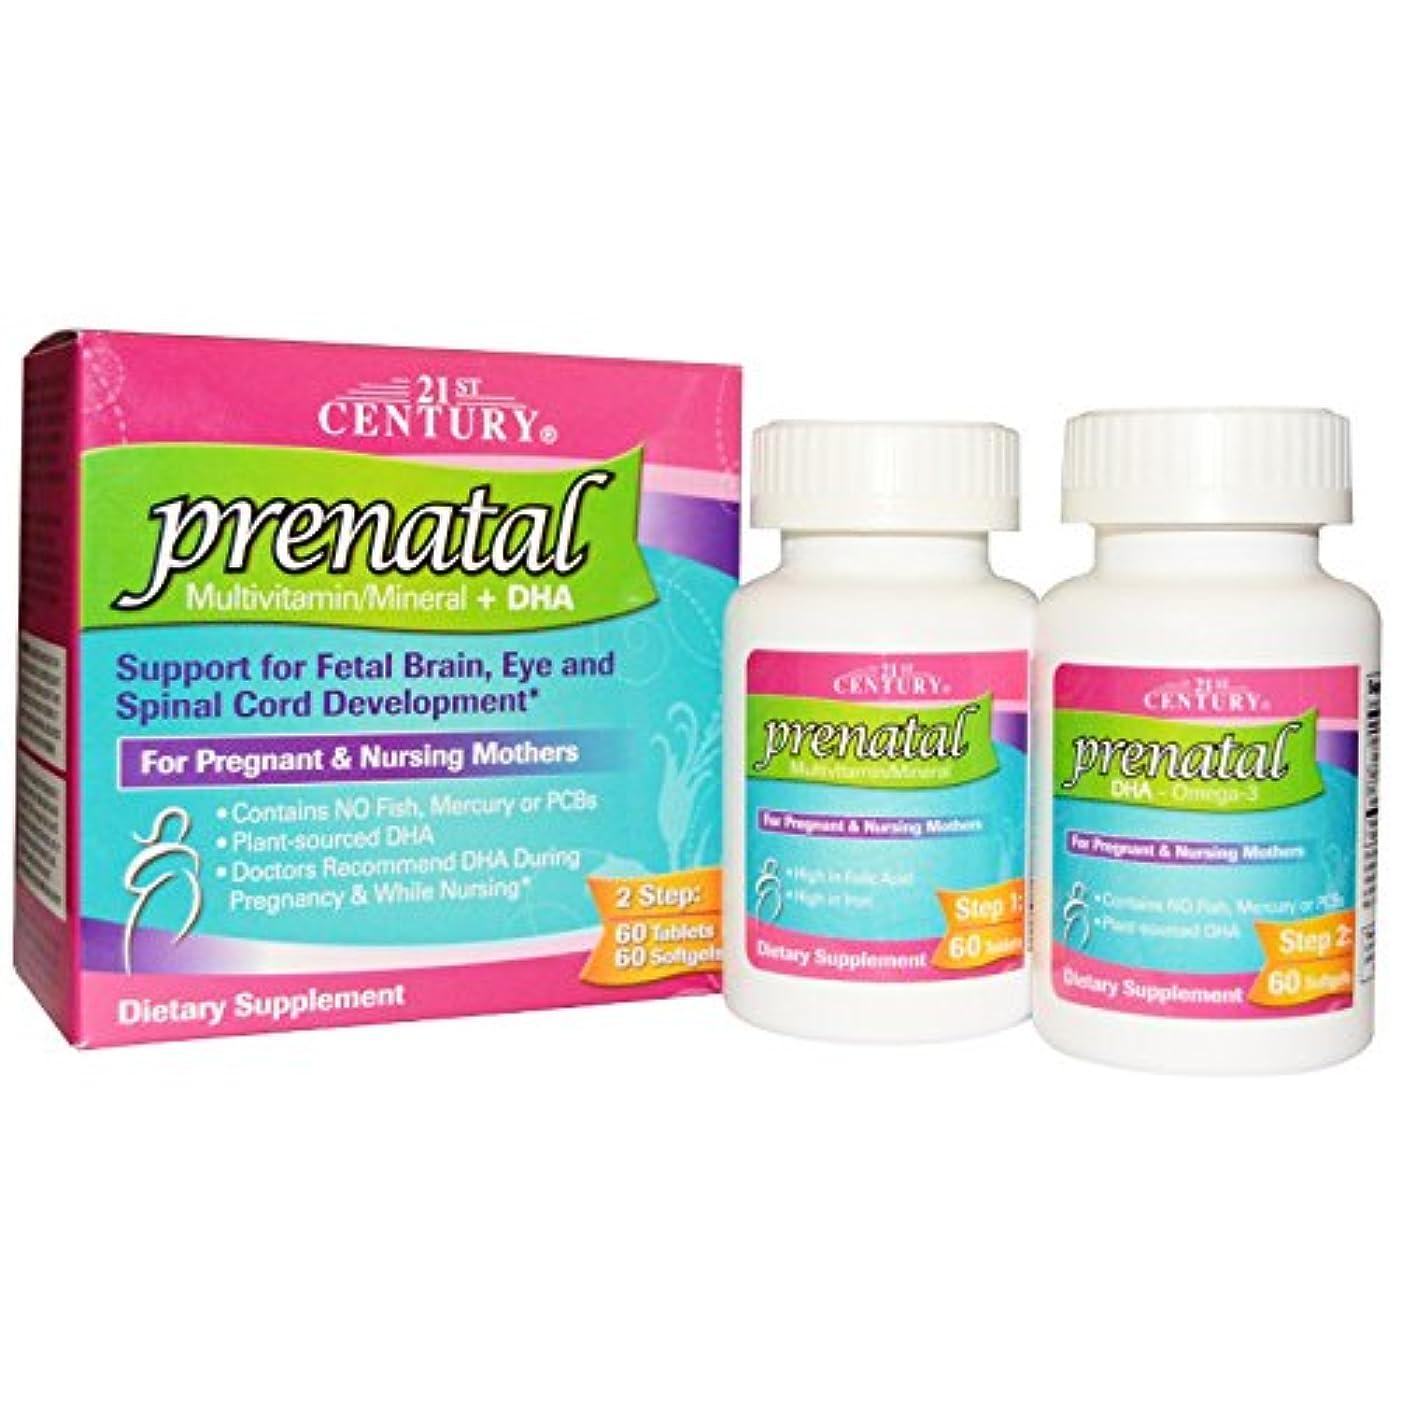 悪意のある手配するスローガン妊婦用 DHA、錠剤およびソフトジェル、120カウントの出生前のビタミン   Prenatal with DHA, Tablets and Softgels, 120-Count